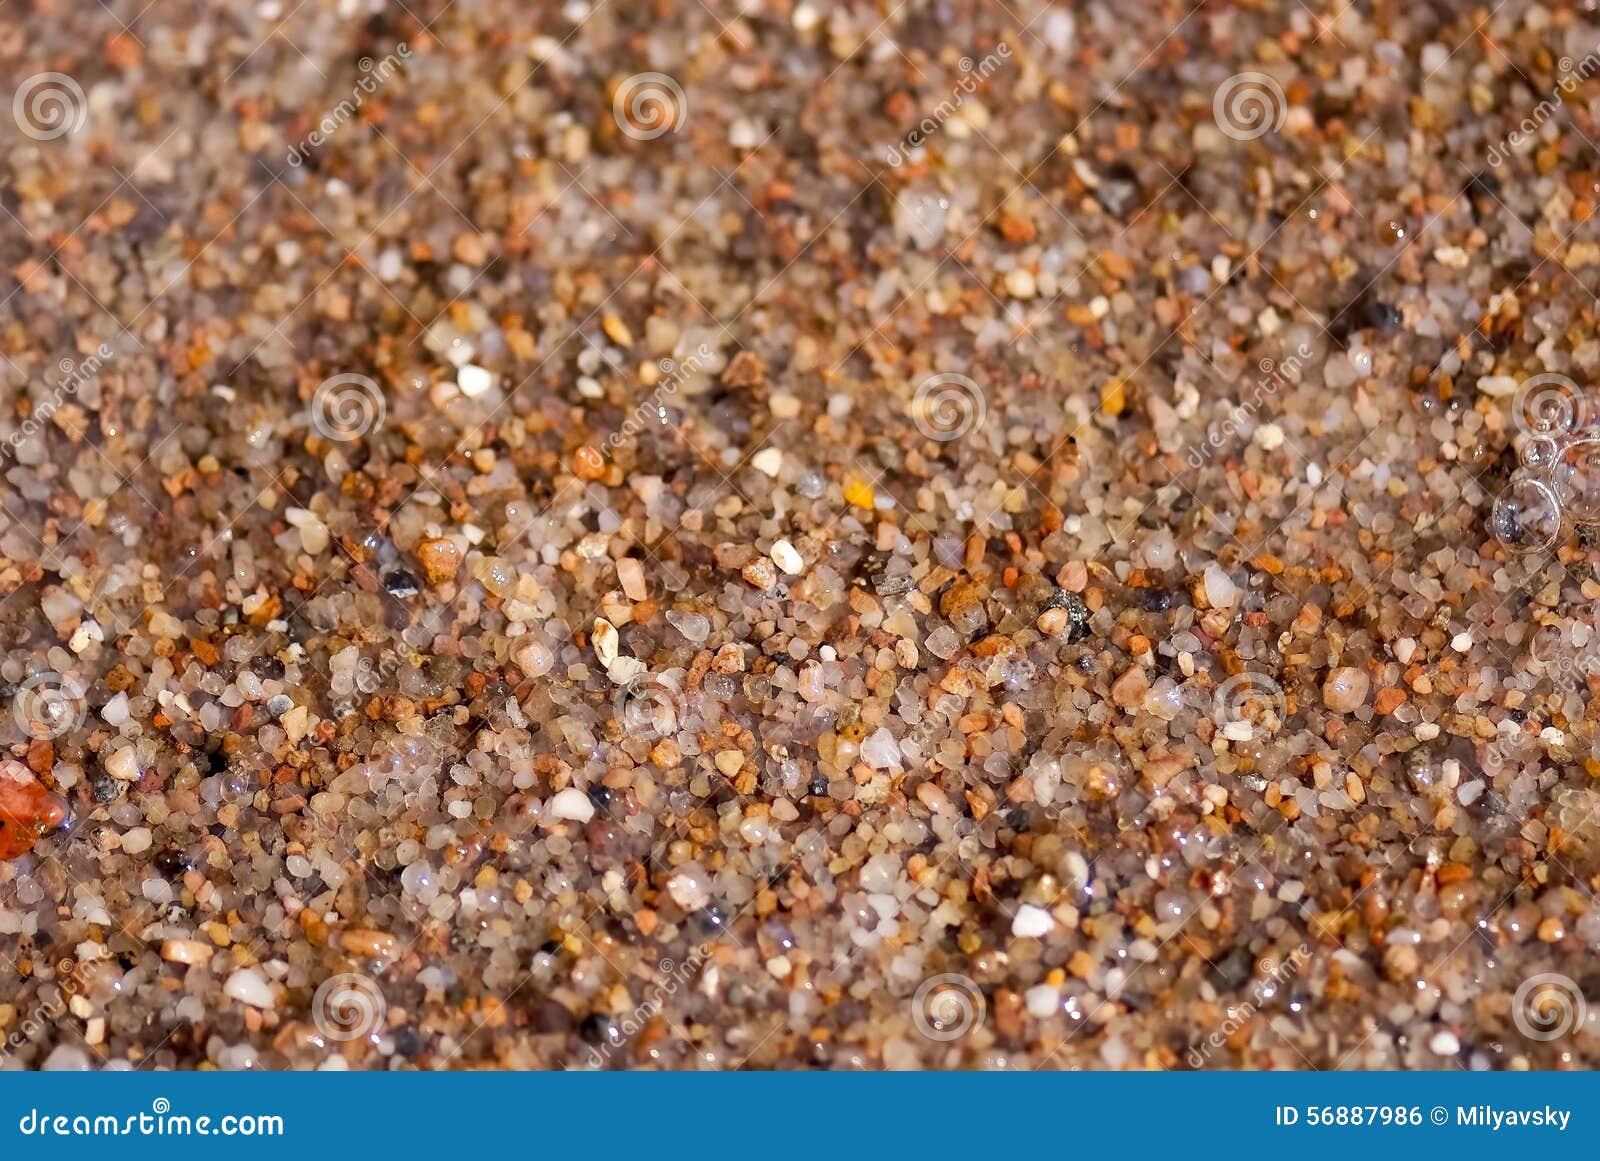 Areia molhada do mar, fim acima da vista